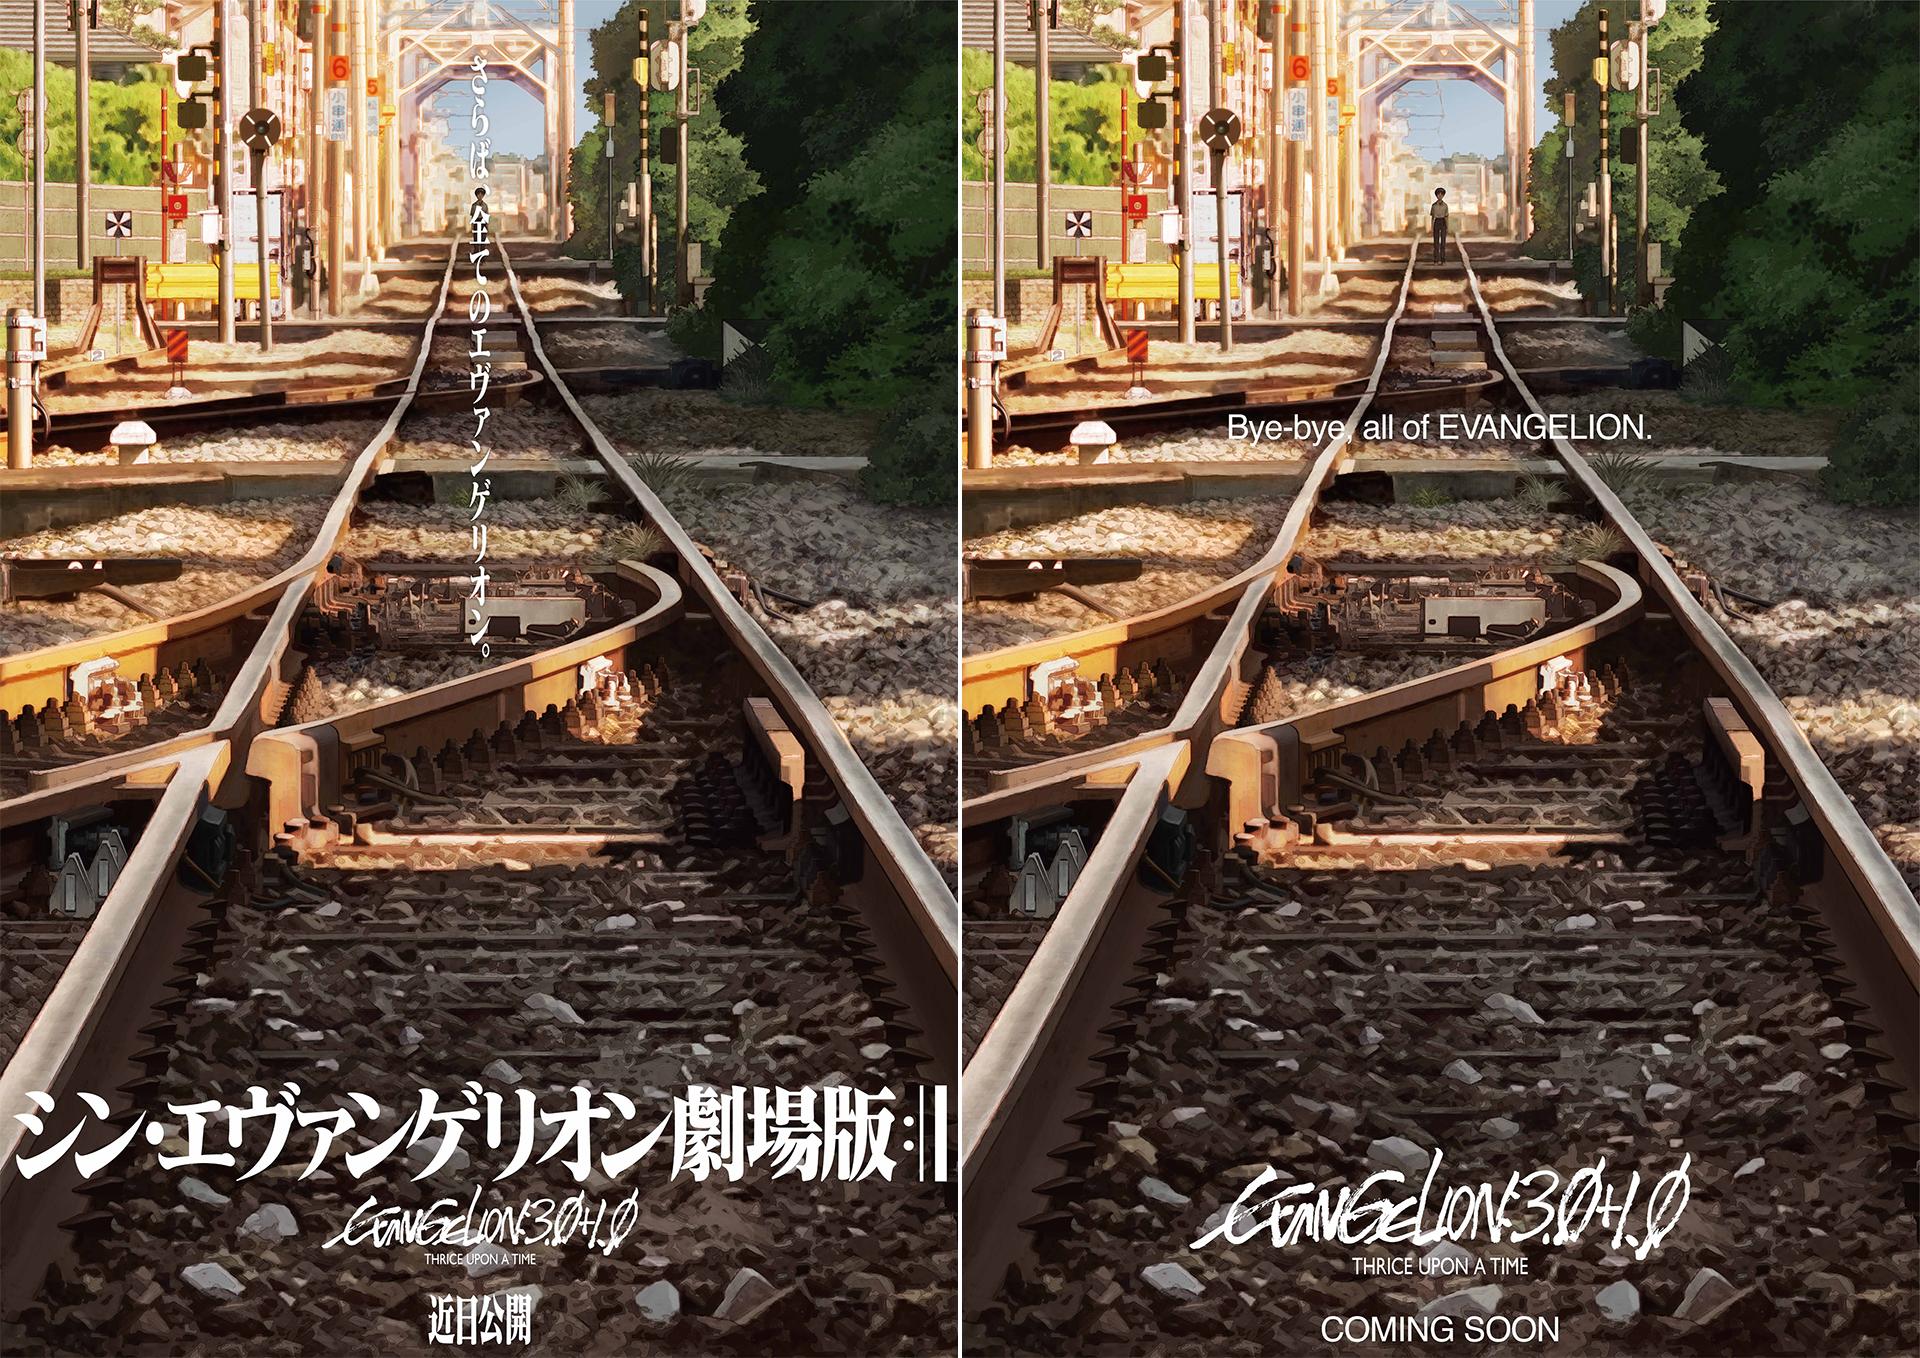 الفيلم الأخير في سلسلة Evangelion ربما يأتي أقرب مما نتوقع!